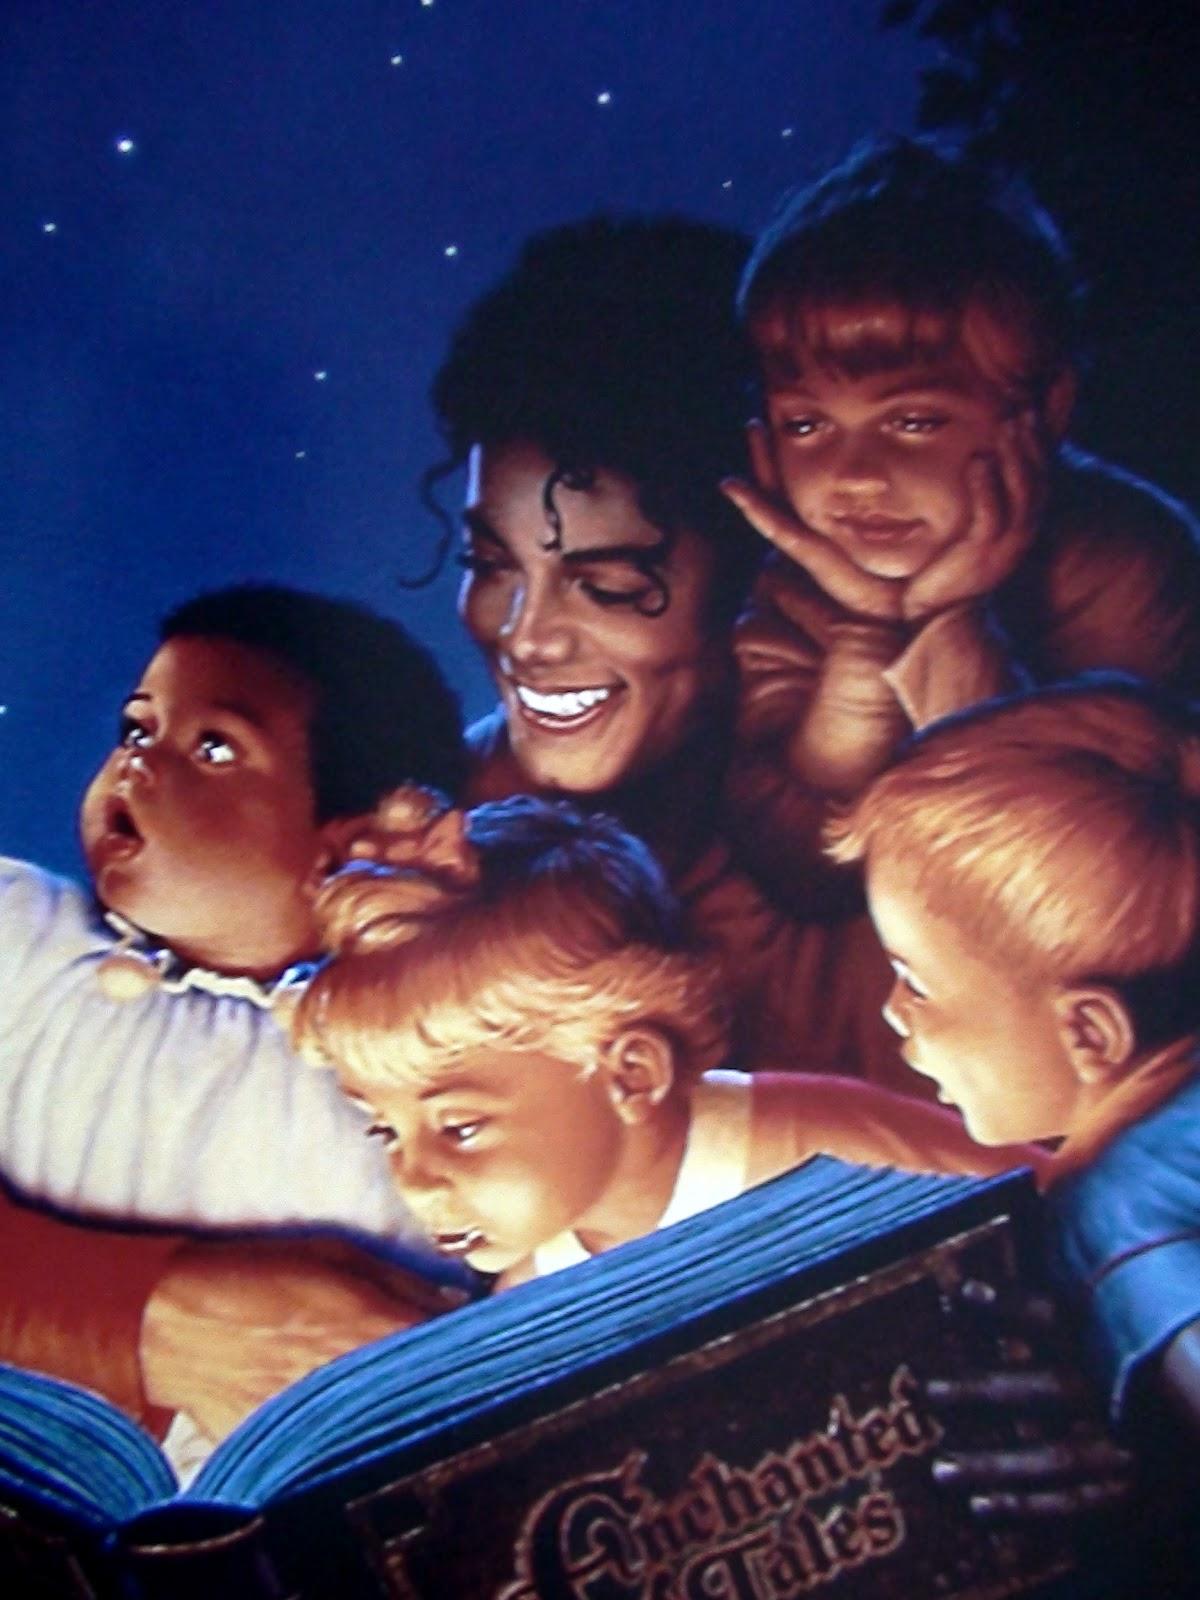 http://3.bp.blogspot.com/-yTCpKXpGl1Q/UJK5vVZ6EFI/AAAAAAAAuOE/WW8H9dz3ApQ/s1600/MJ-paintings-michael-jackson-10531239-1728-2304.jpg